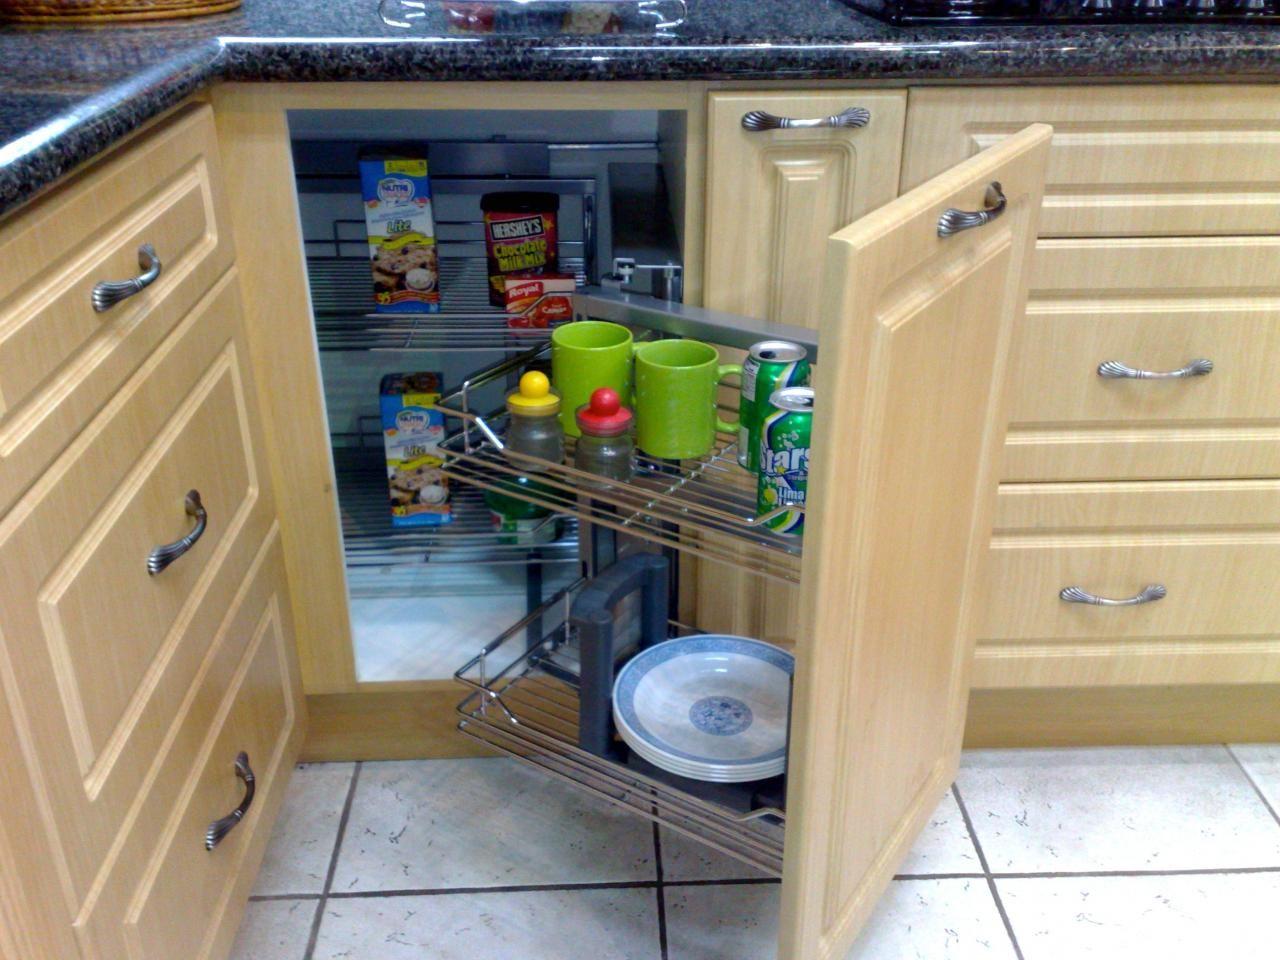 Herrajes para cocina accesorios para la cocina for Herrajes para cocina